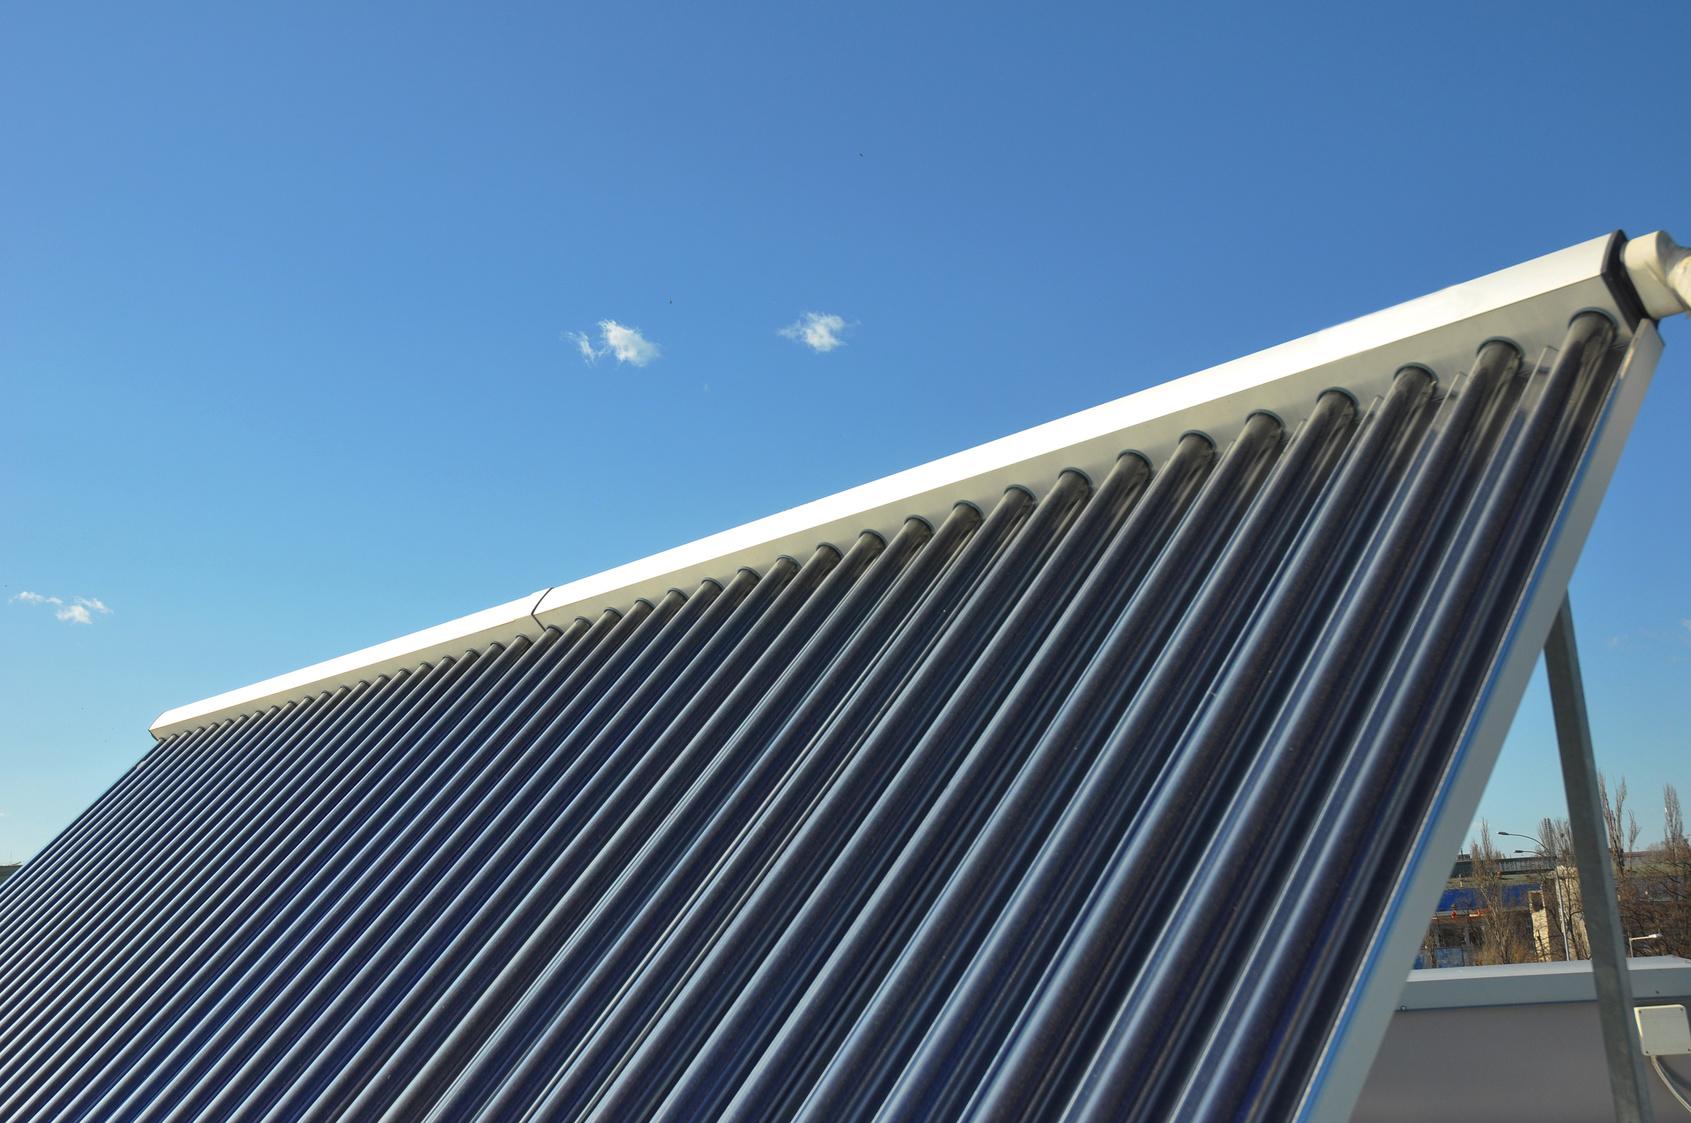 Chauffage solaire pour piscine mod les et prix bienchezmoi for Systeme solaire piscine